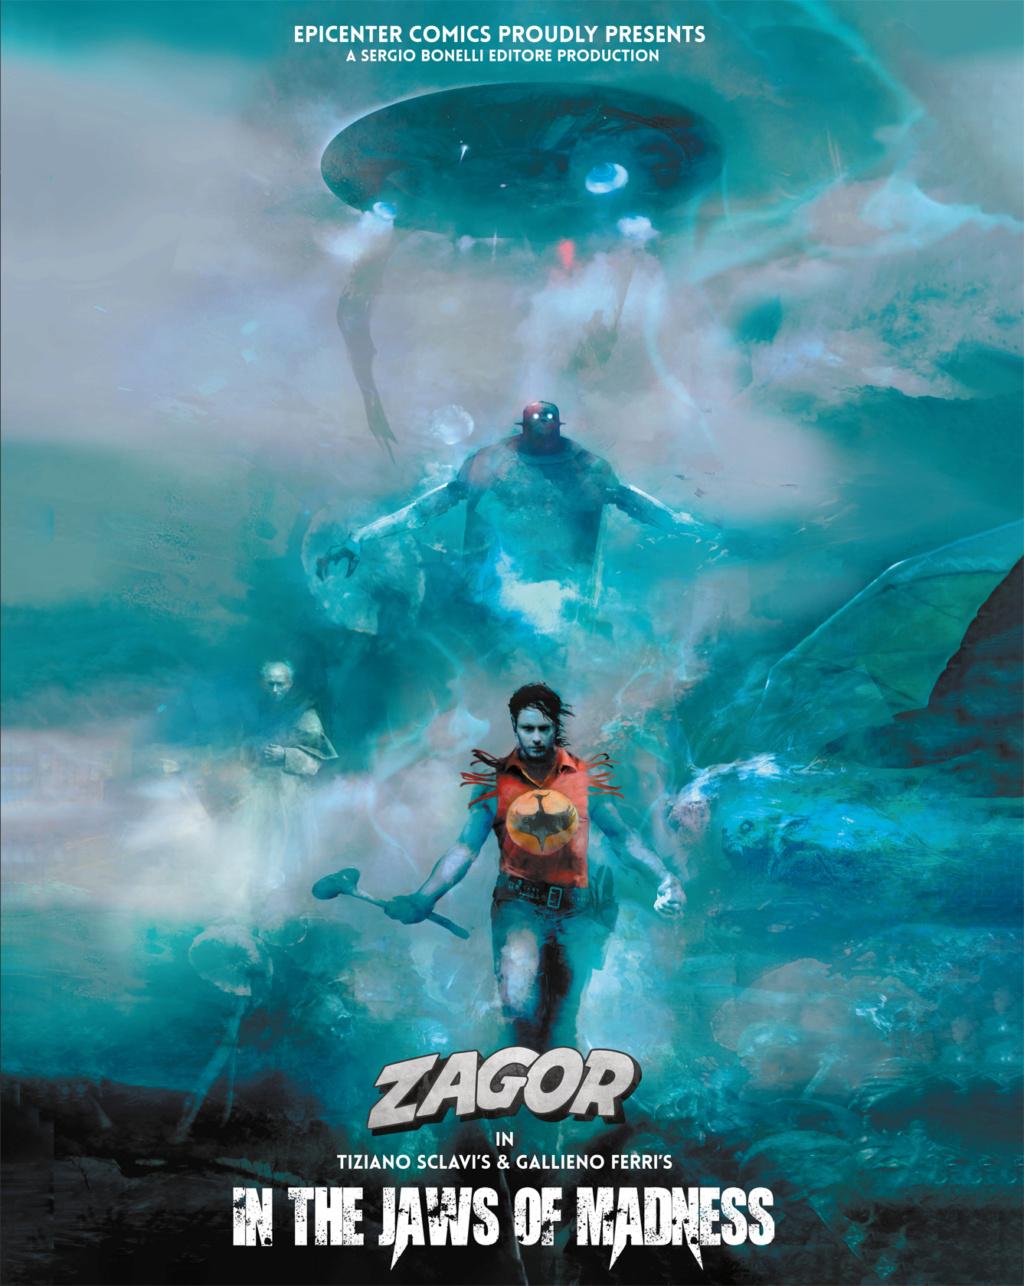 Zagor - edizione americana della Epicenter Comics - Pagina 28 Zagor11